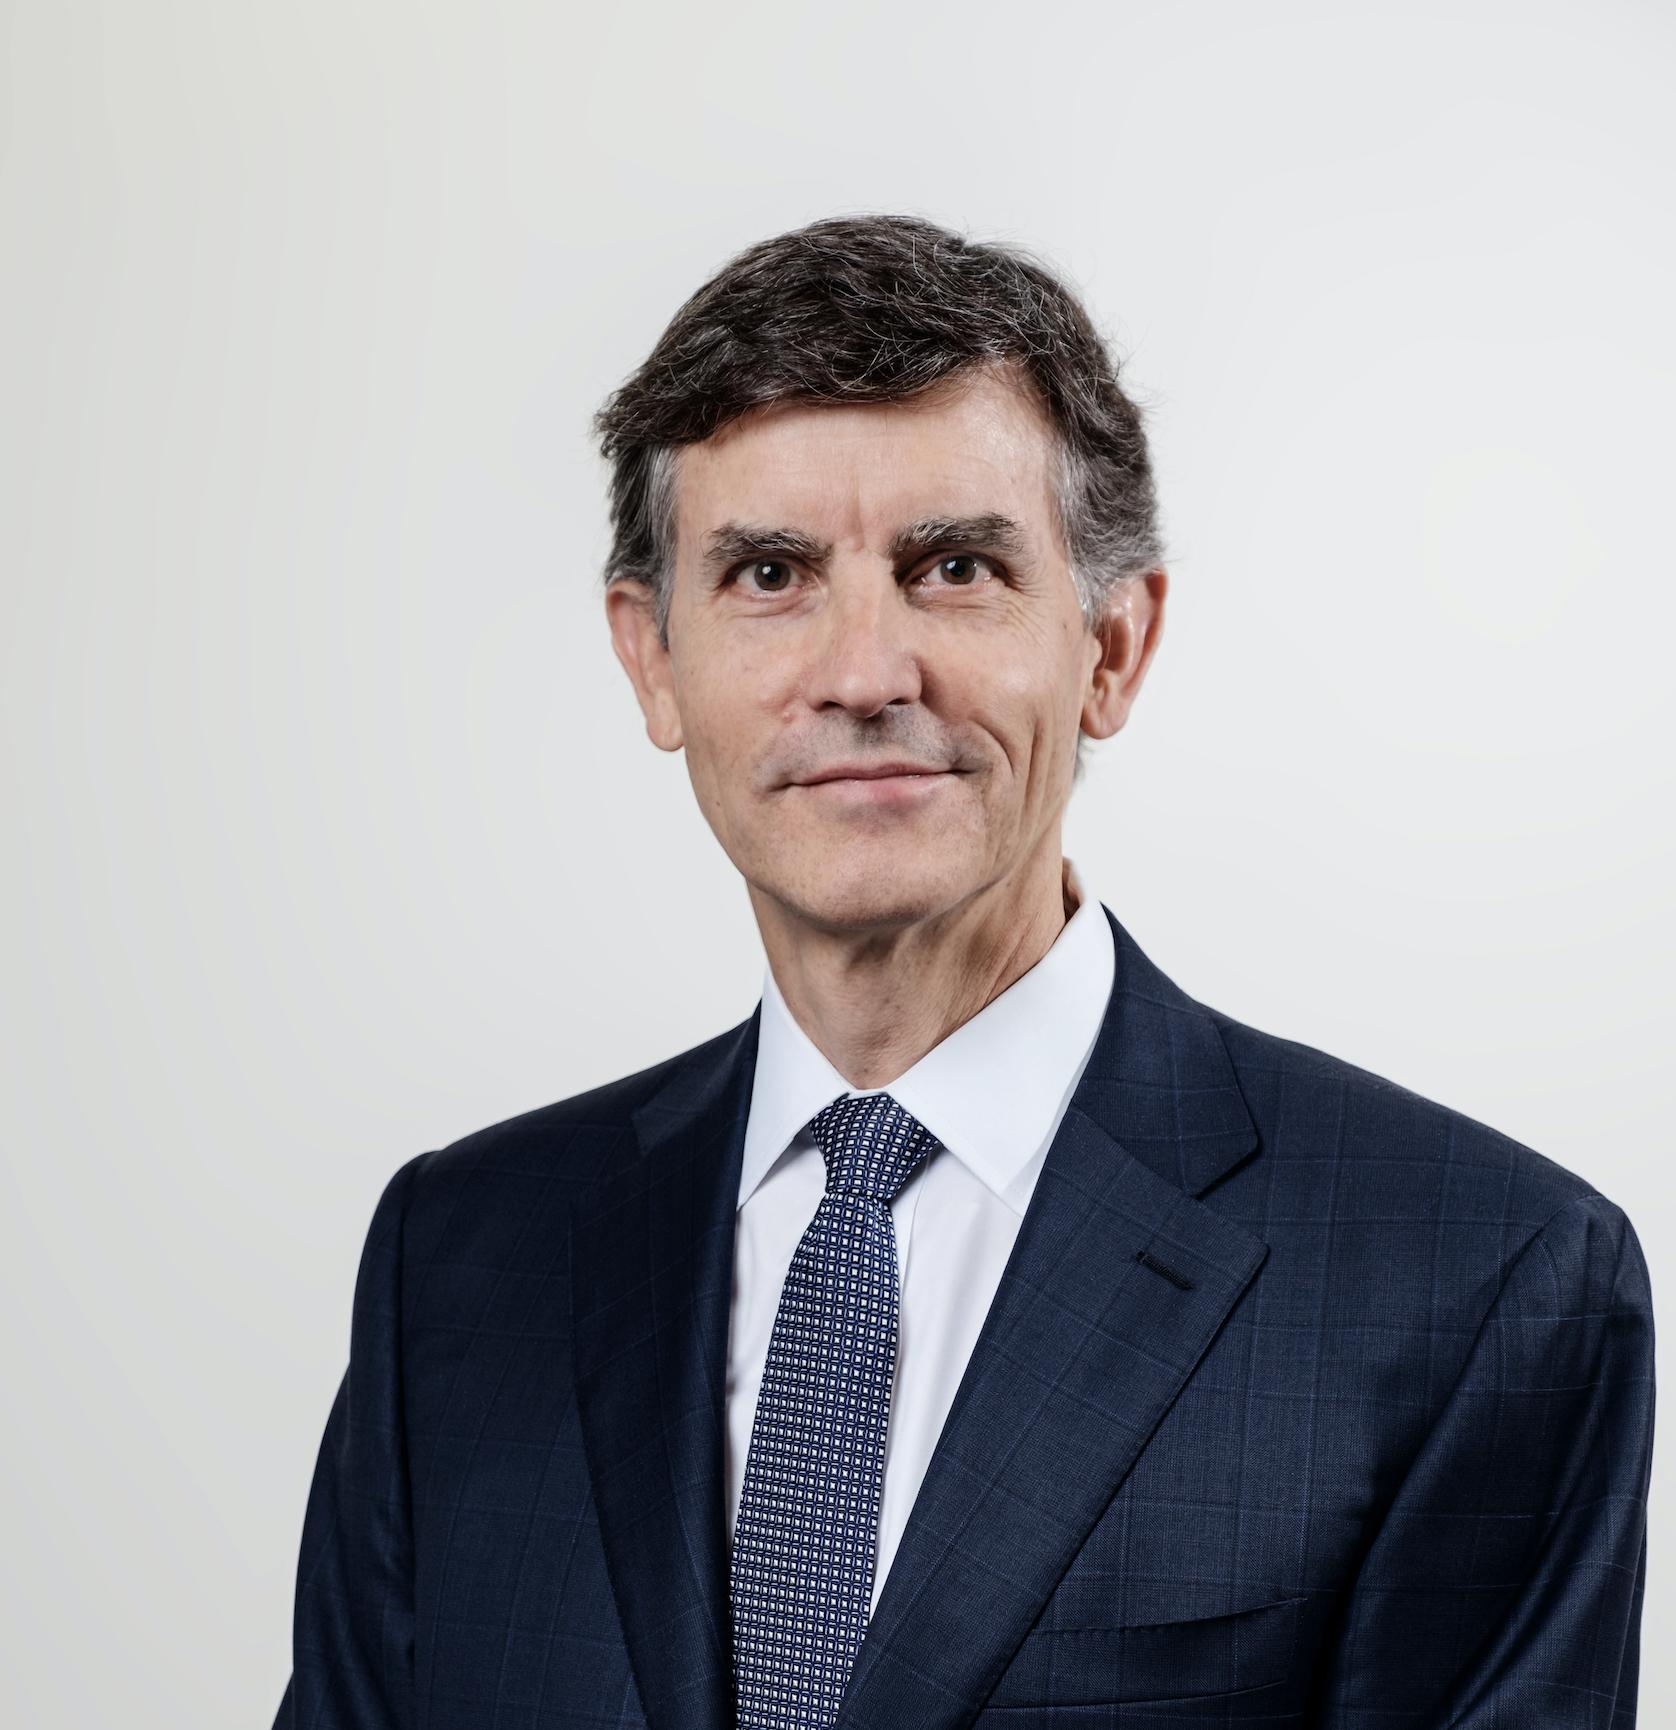 Associate Professor David William Marshall Muller